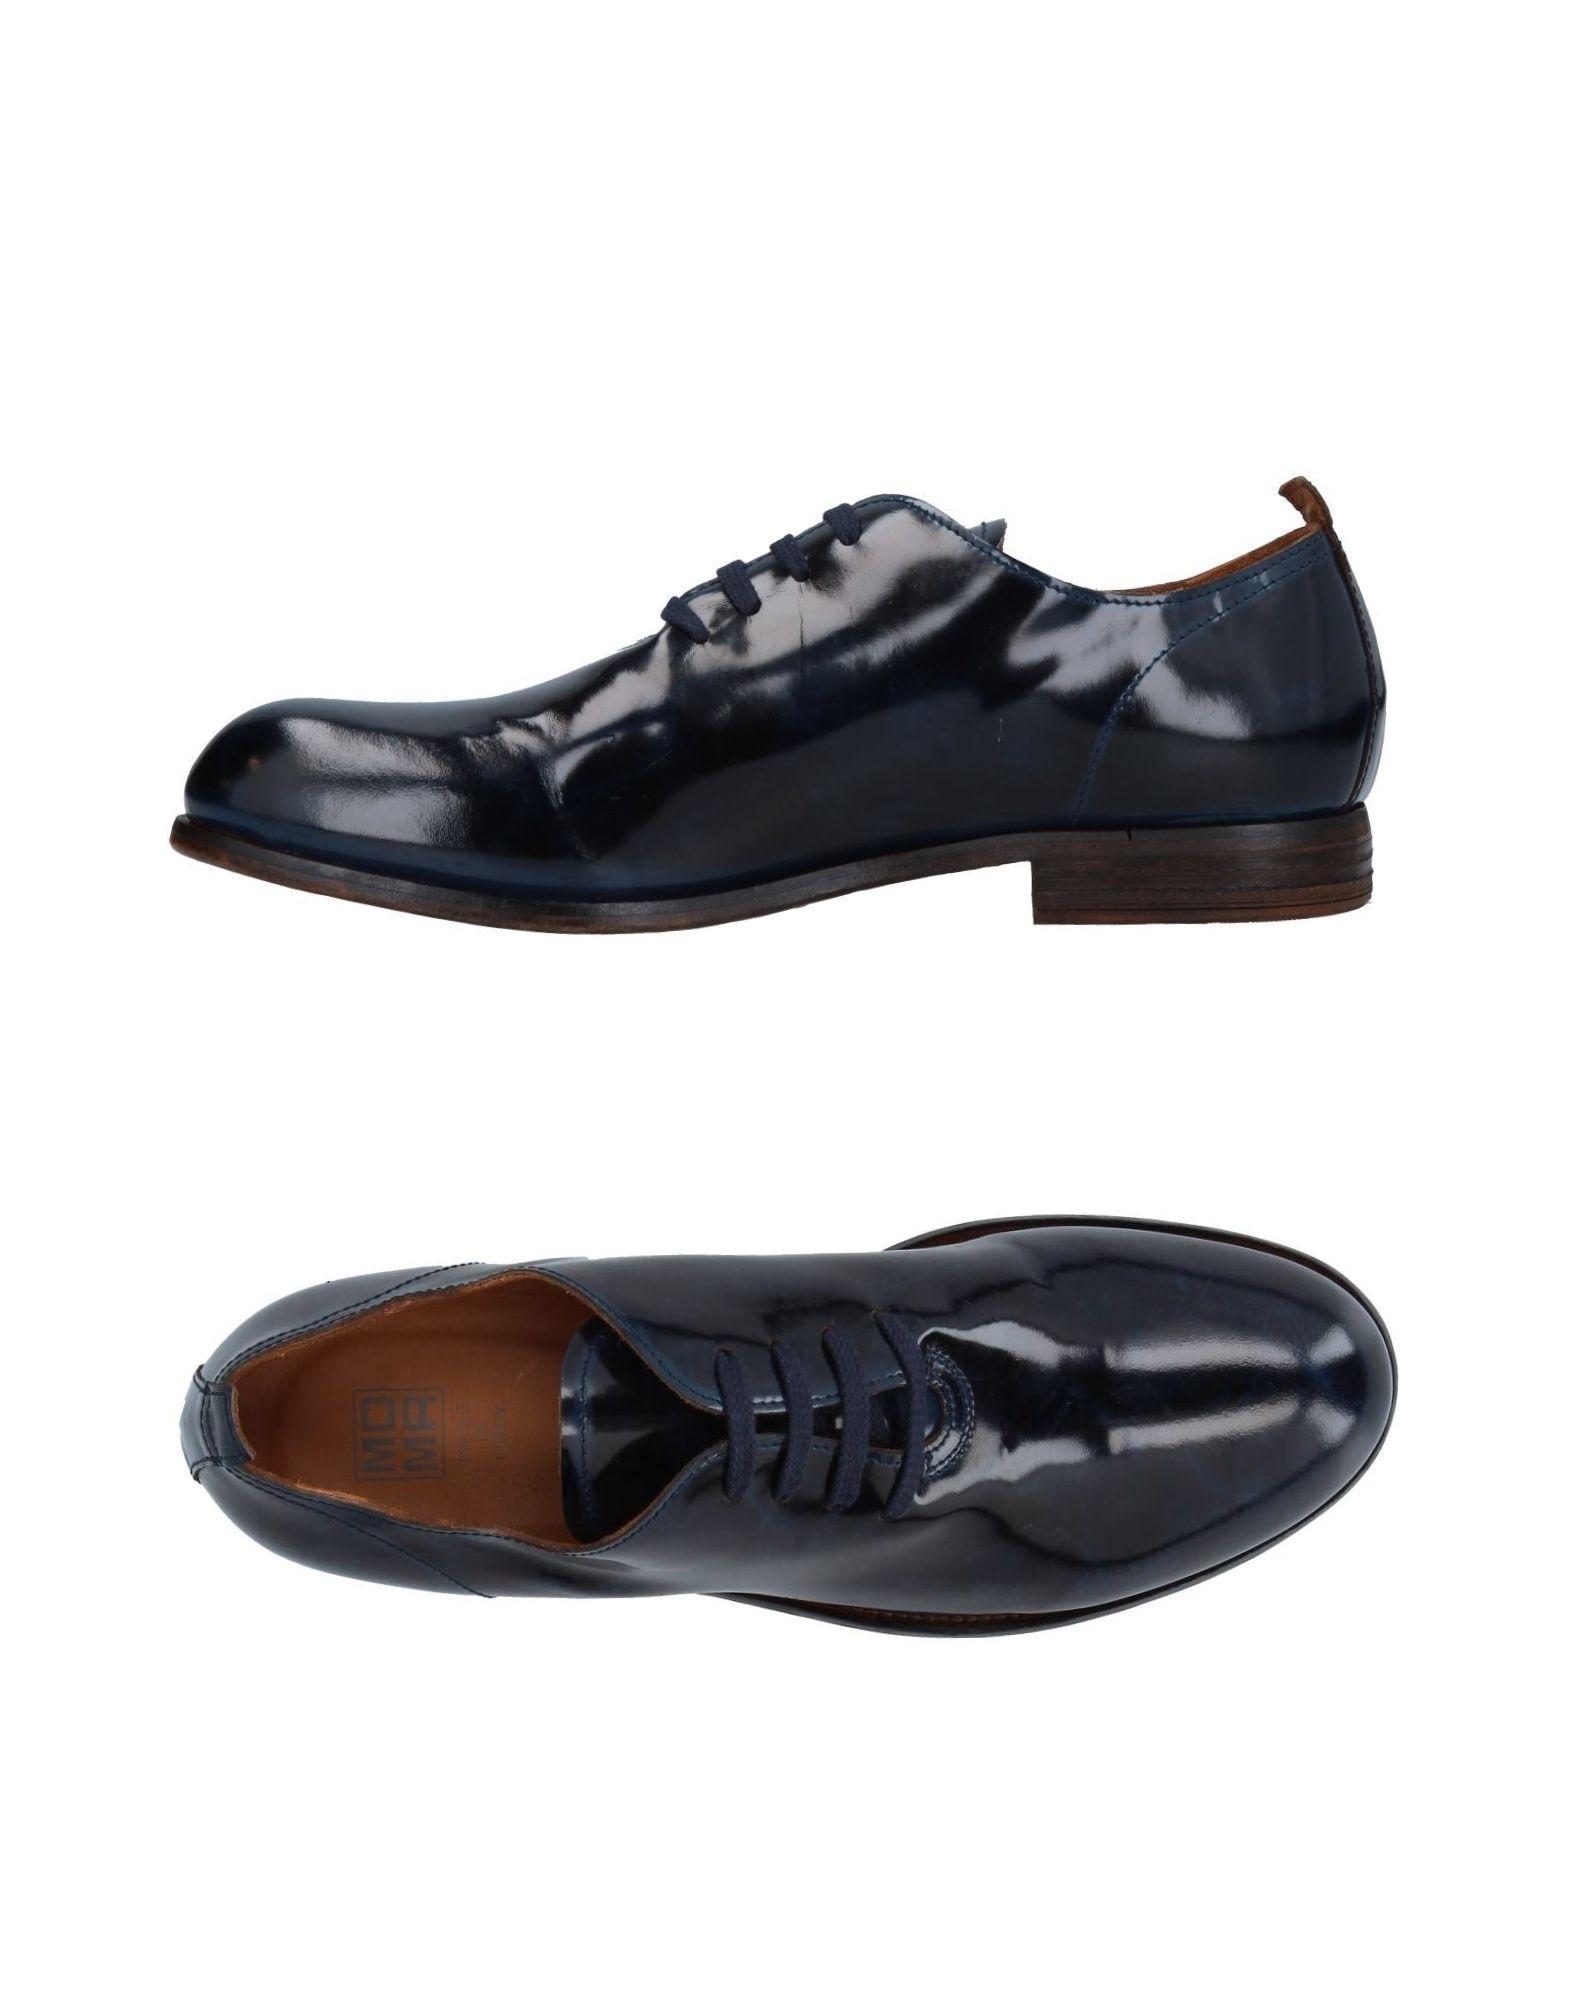 Moma Schnürschuhe Herren  11412991PF Gute Qualität beliebte Schuhe